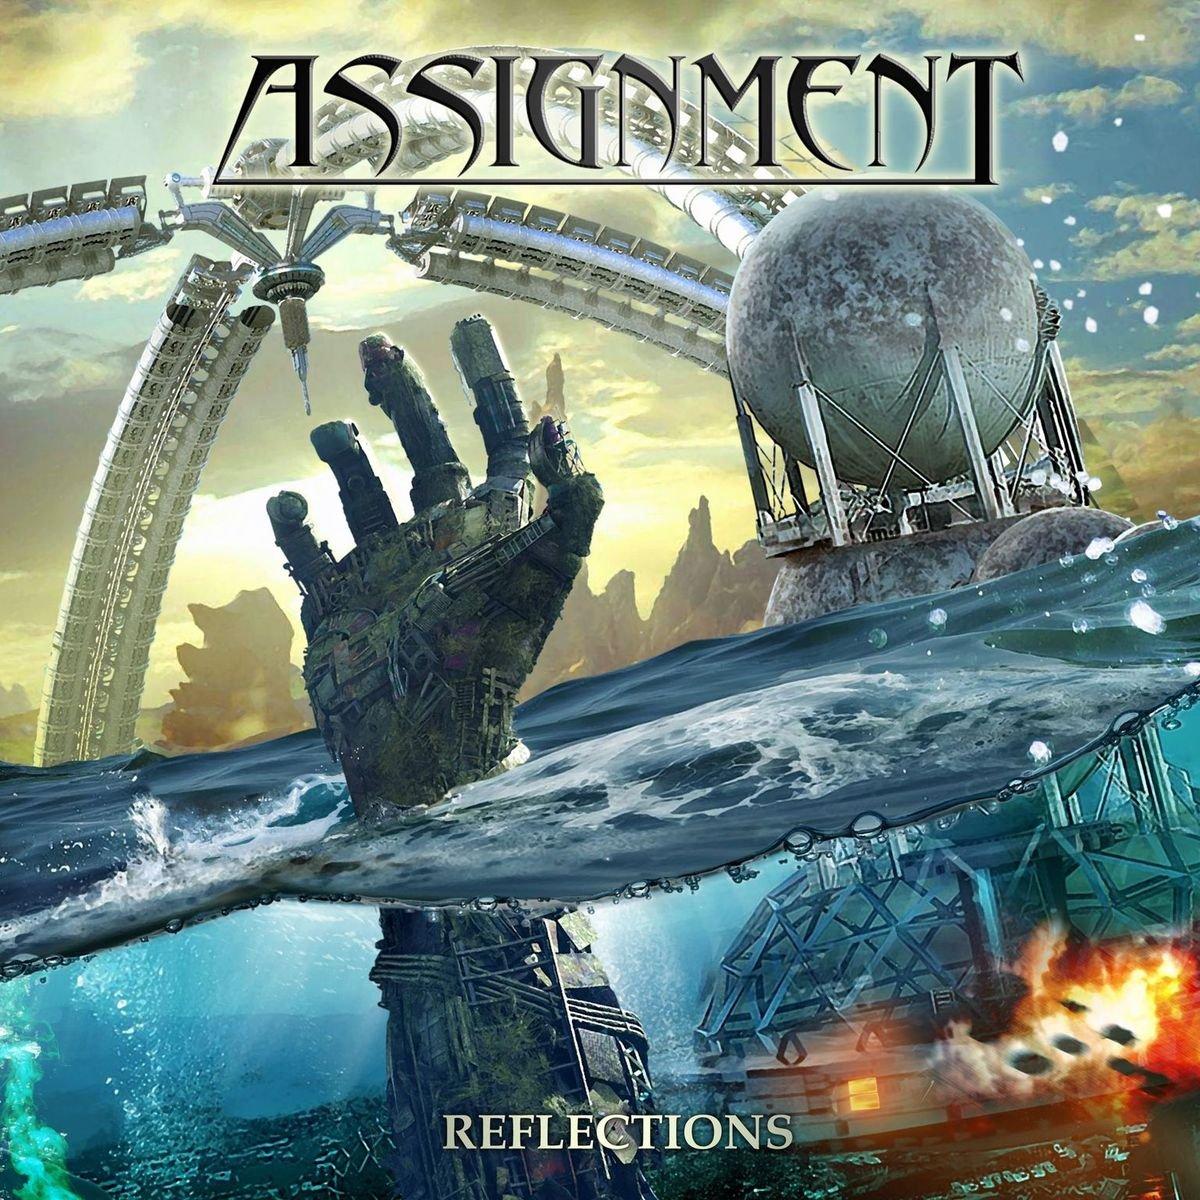 assignmentalbum